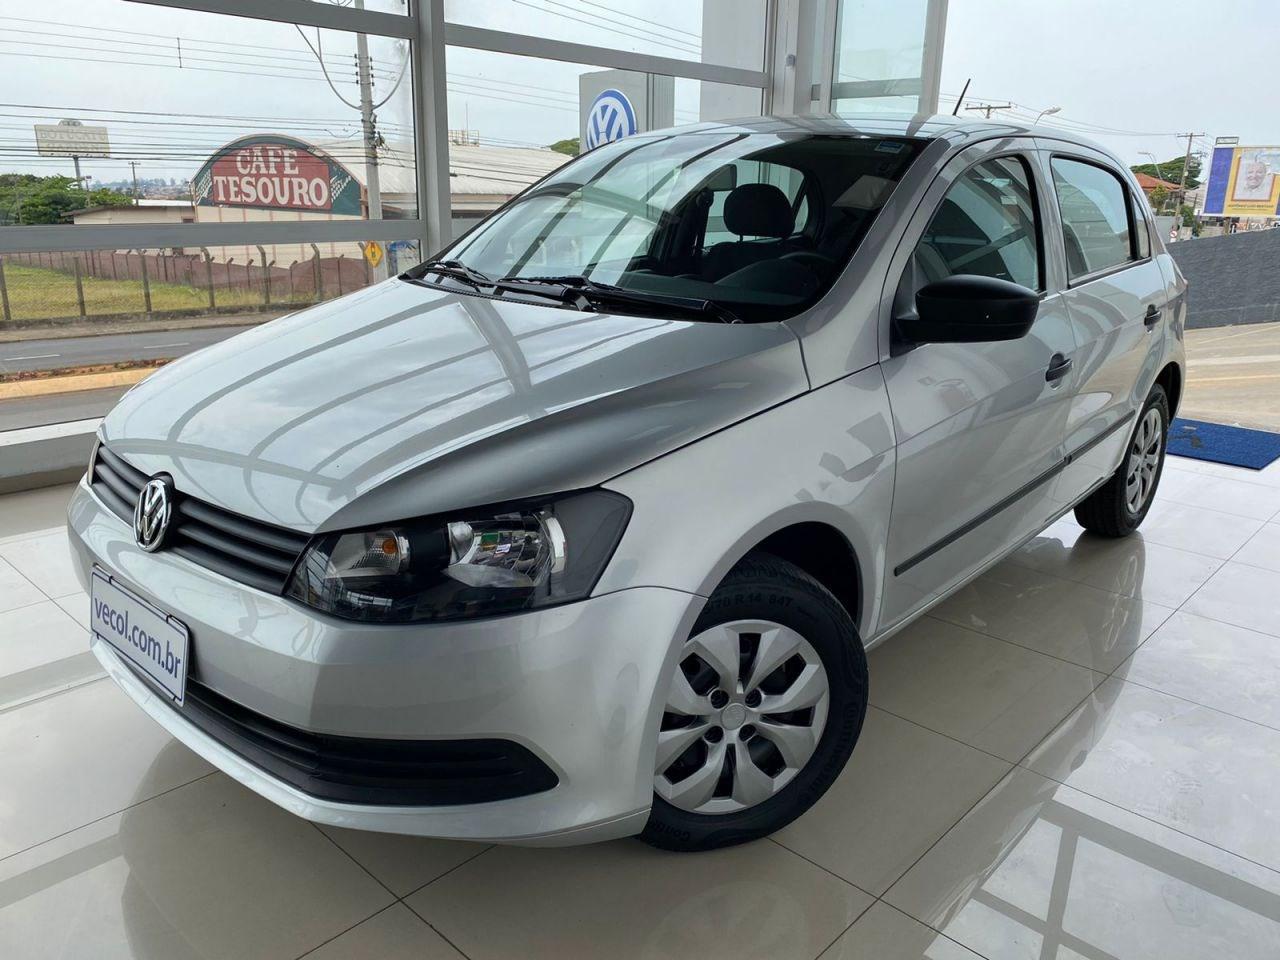 //www.autoline.com.br/carro/volkswagen/gol-16-city-8v-flex-4p-manual/2016/piracicaba-sp/15875383